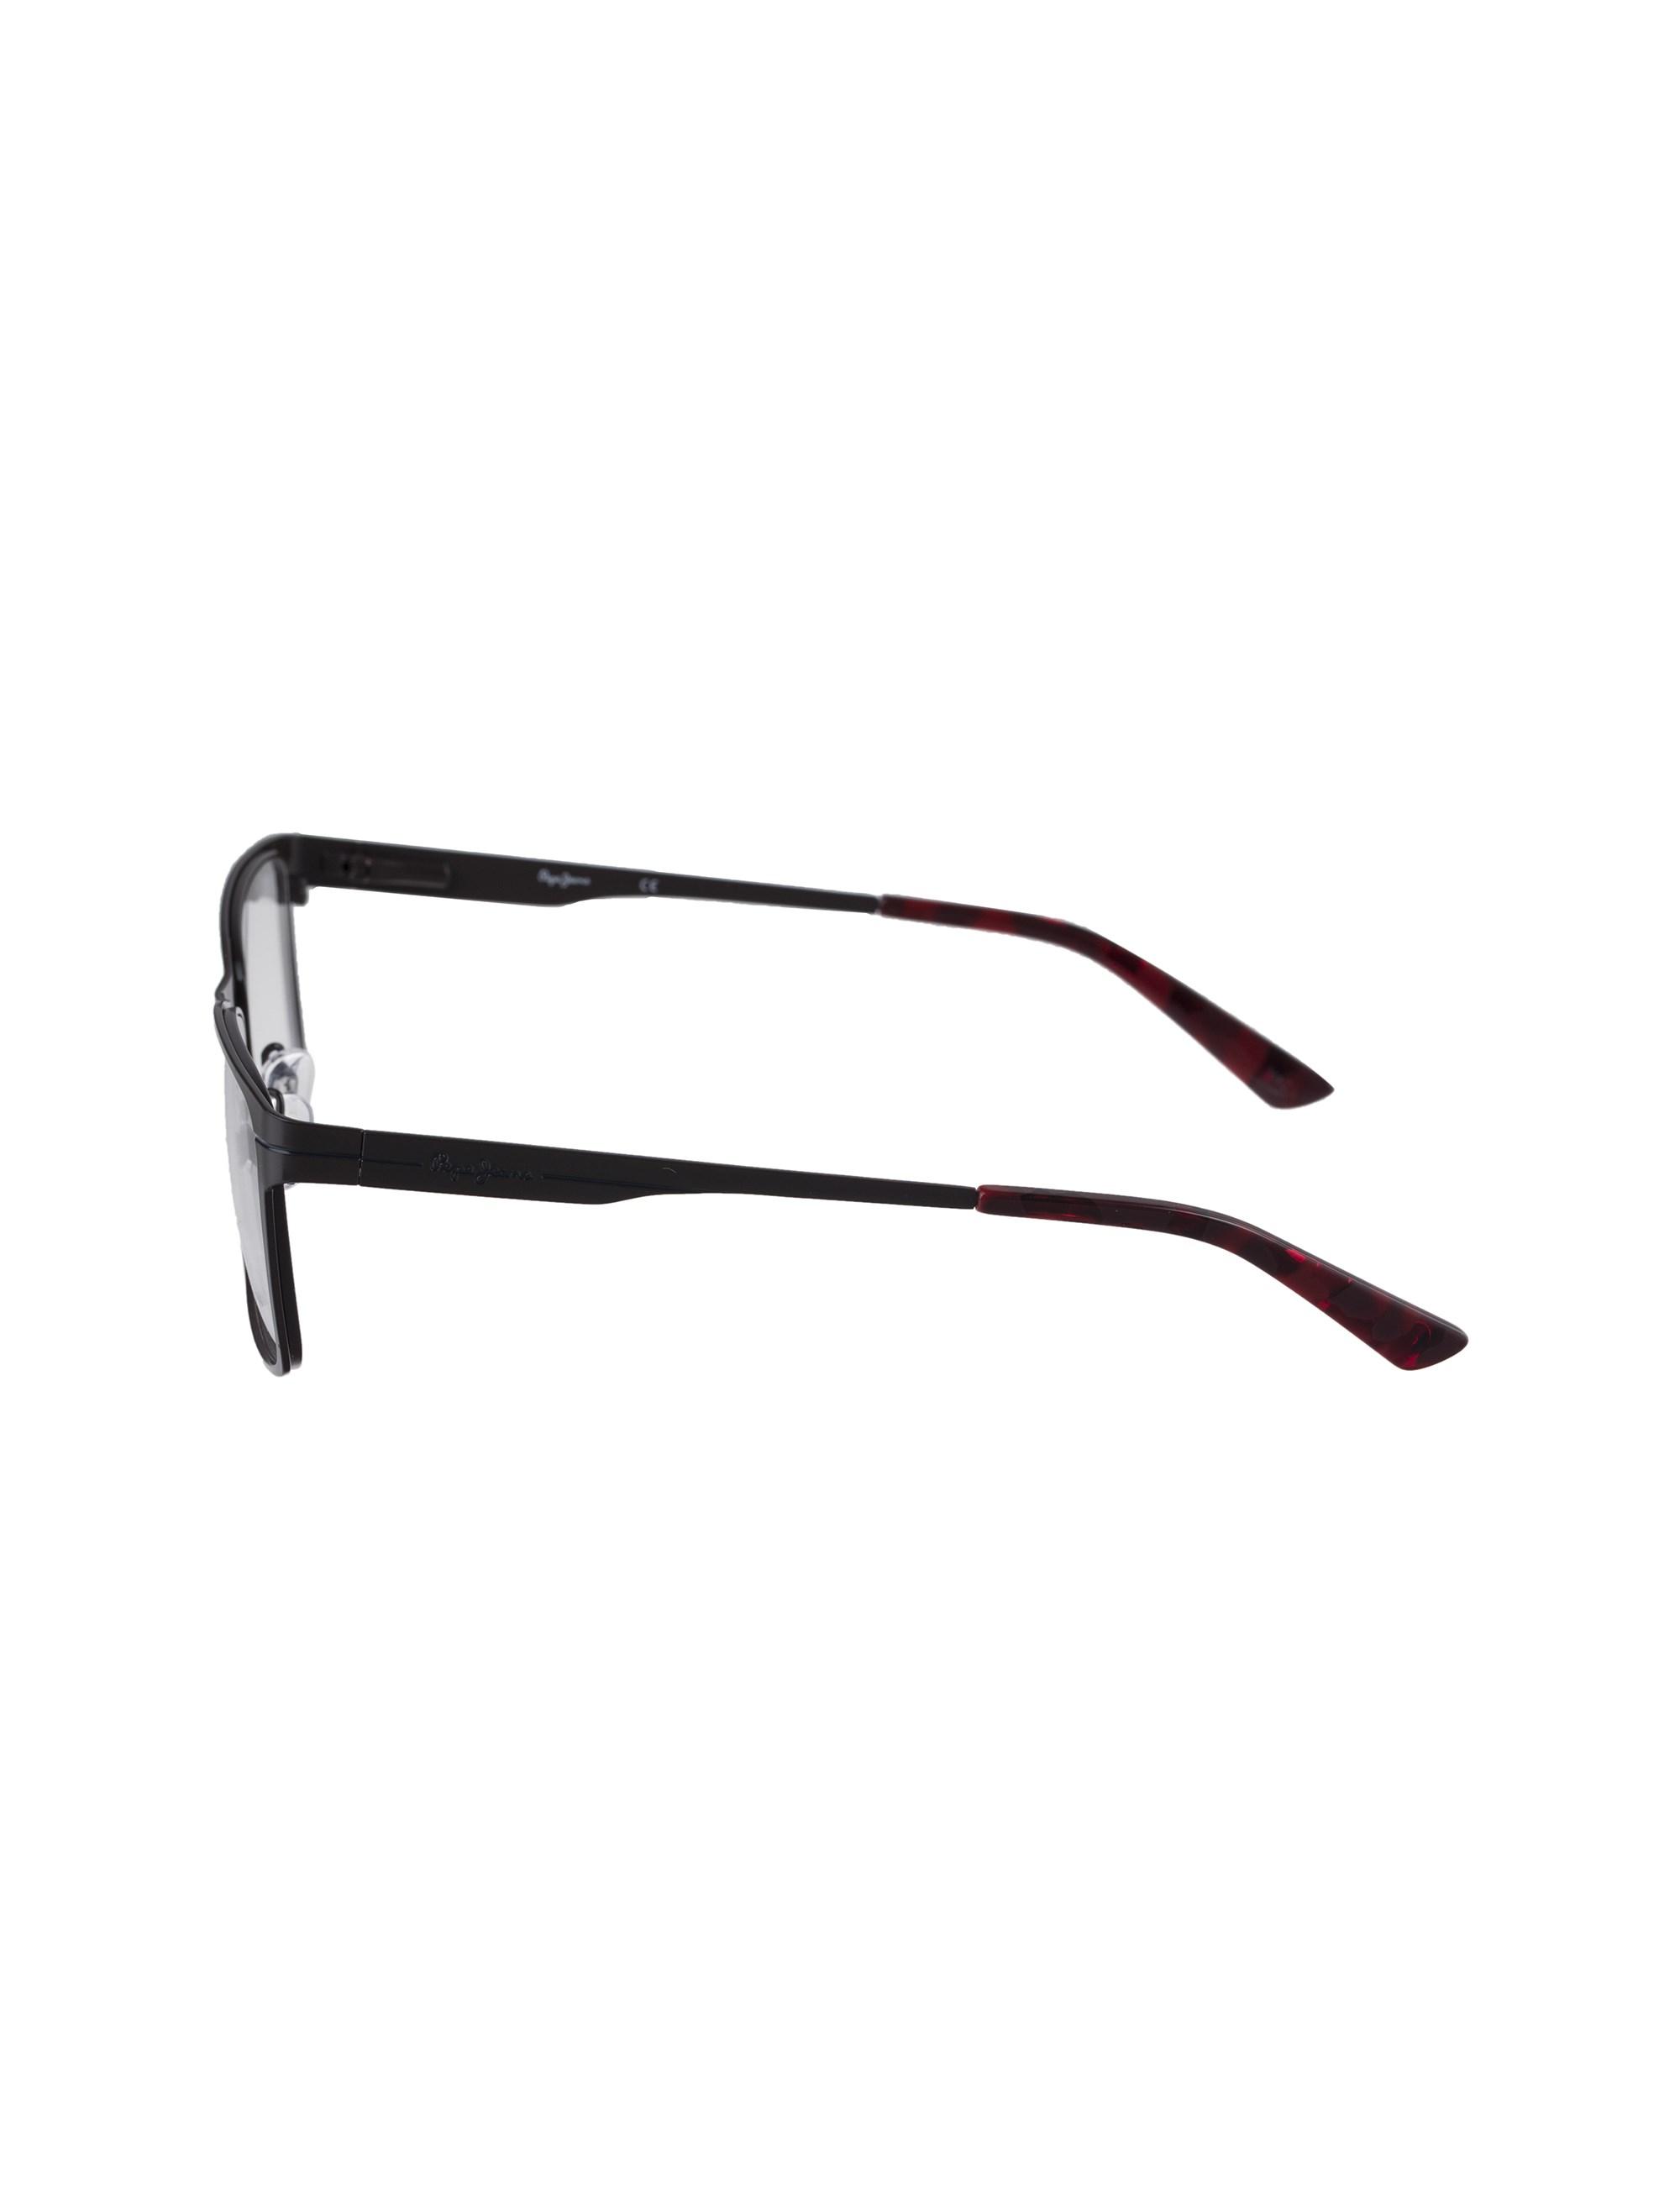 عینک طبی ویفرر PJ1256 - مشکي - 2